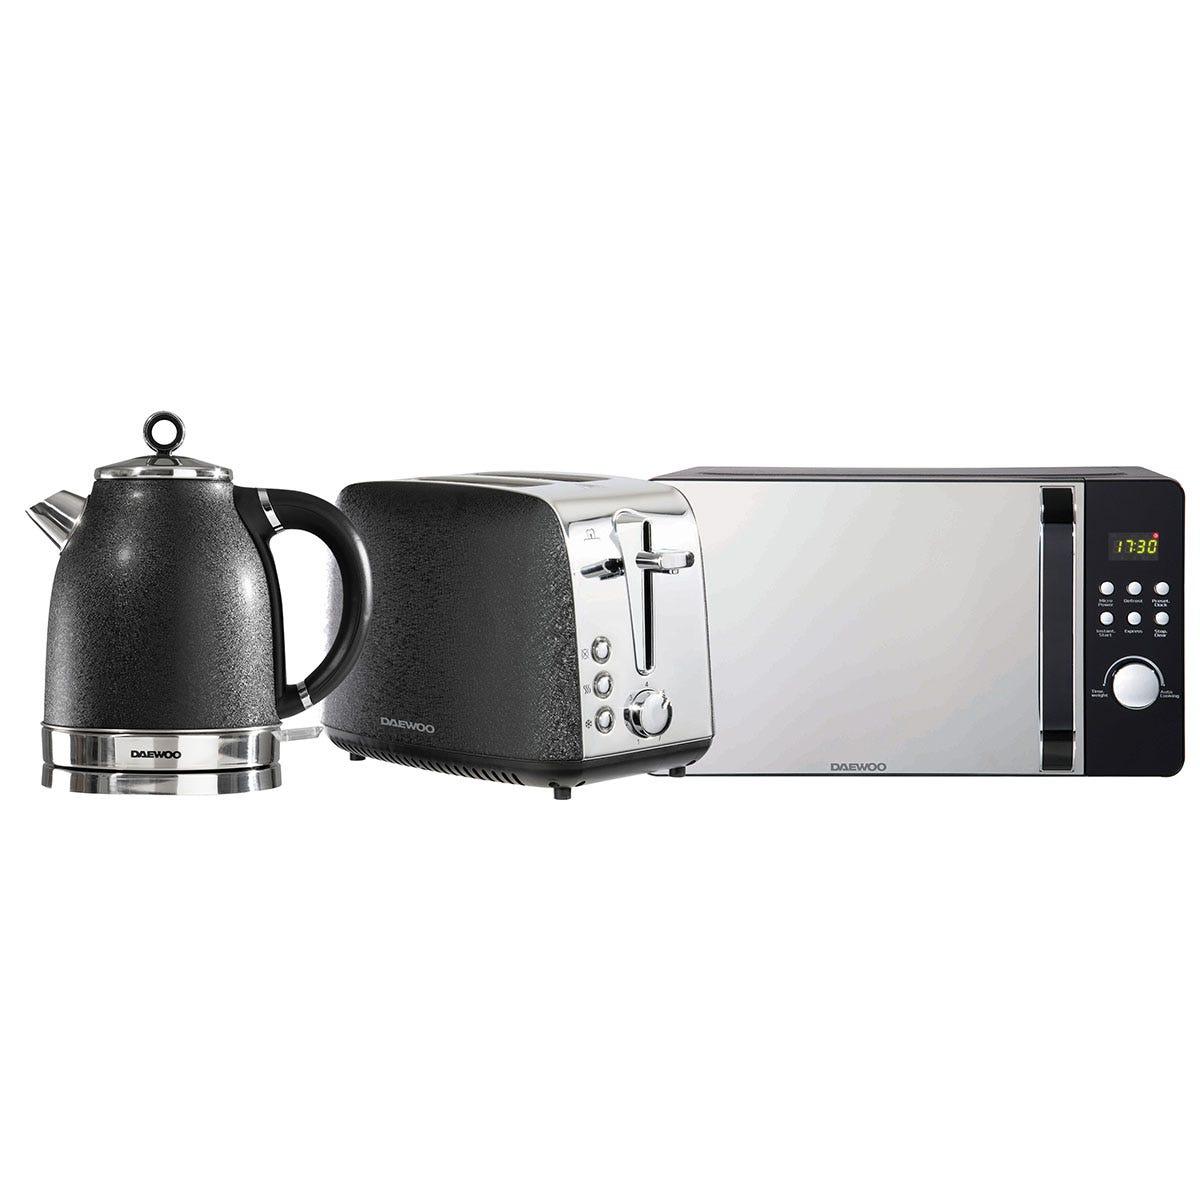 Daewoo SDA2424DS Glace Noir 1.7L Jug Kettle, 2-Slice Toaster, and 20L Digital Microwave Bundle - Black